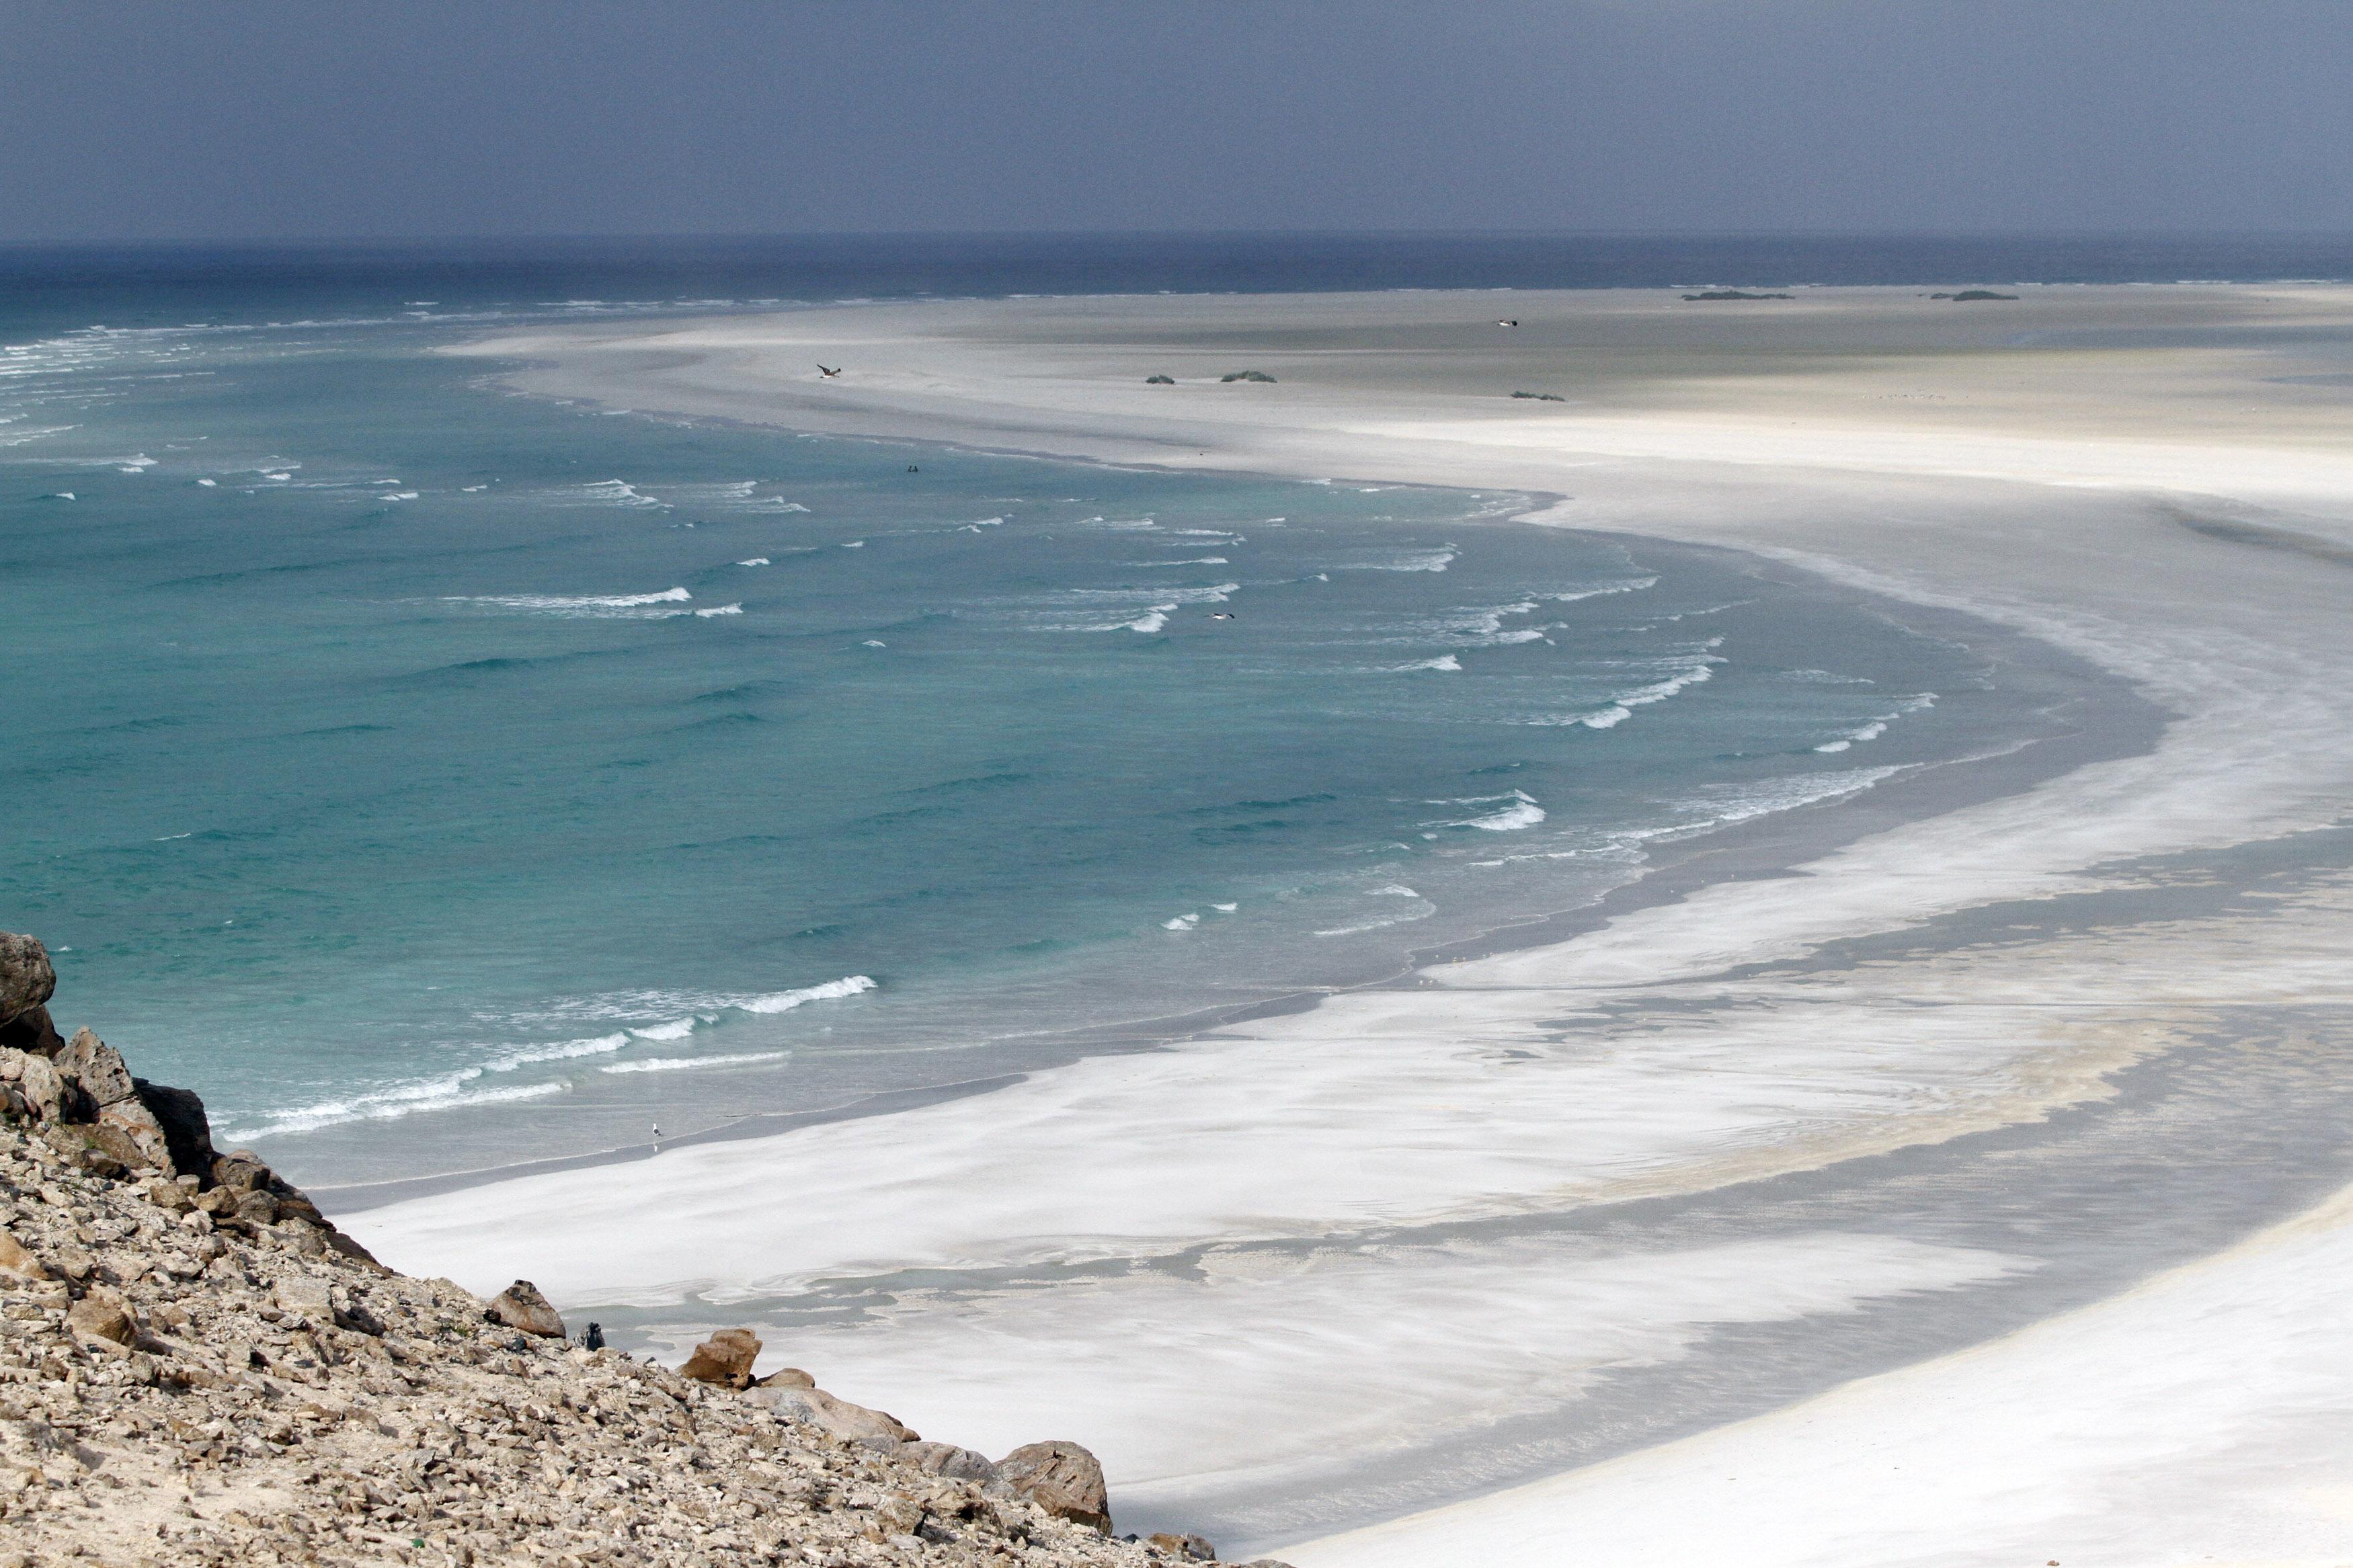 شاطئ ديتوا بالقرب من ميناء قلنسيا ثاني أكبر مدينة في جزيرة سقطرى اليمنية